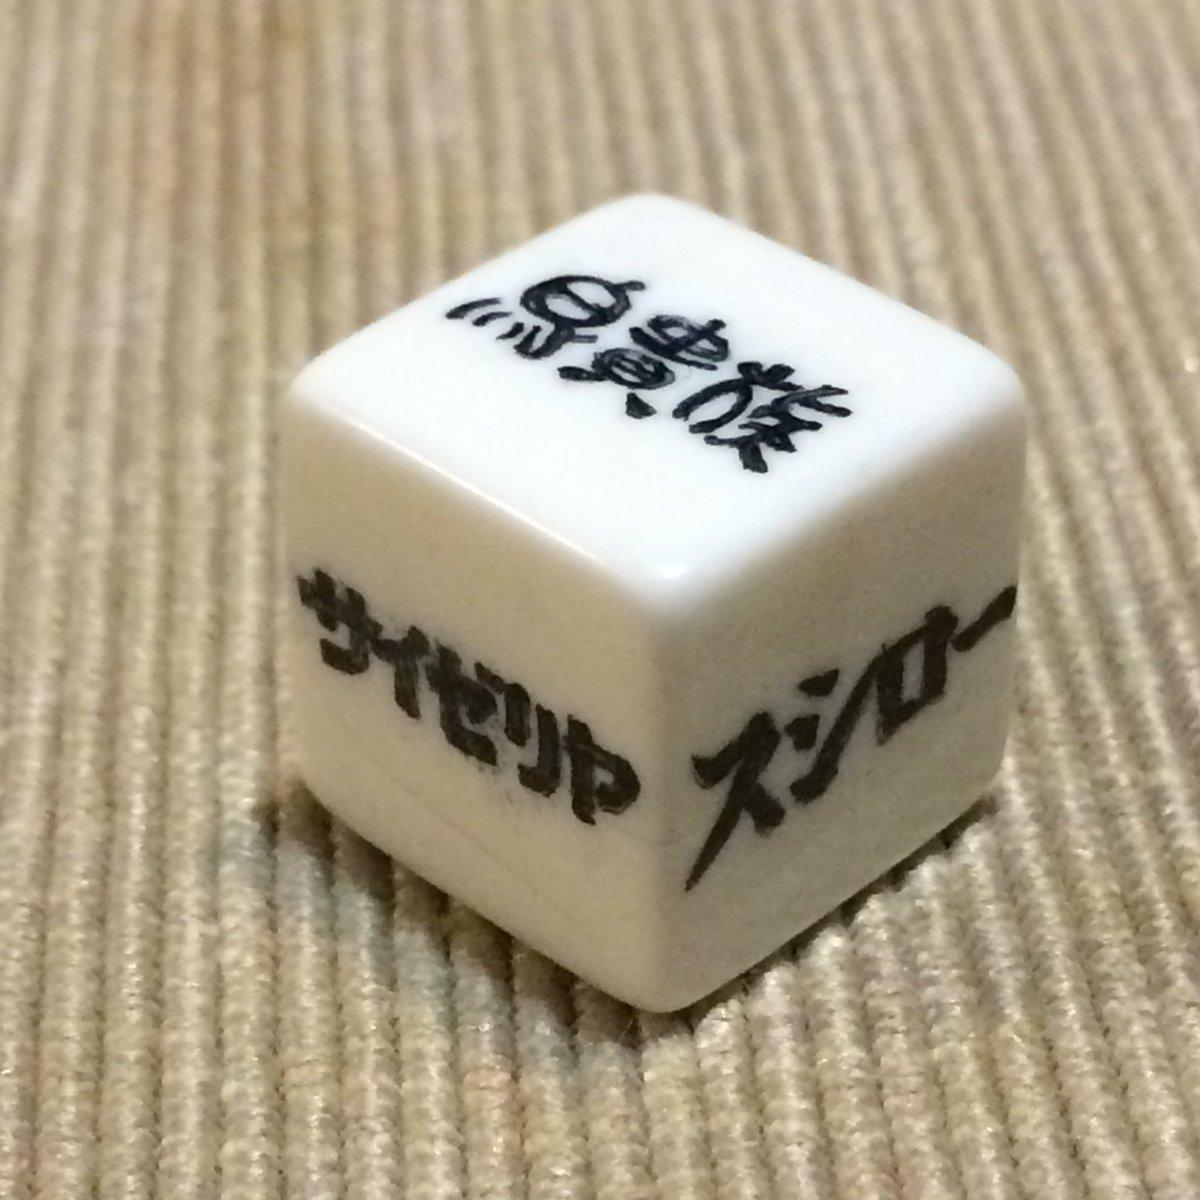 MIKA,Ishihara 石原 三加さんの投稿画像